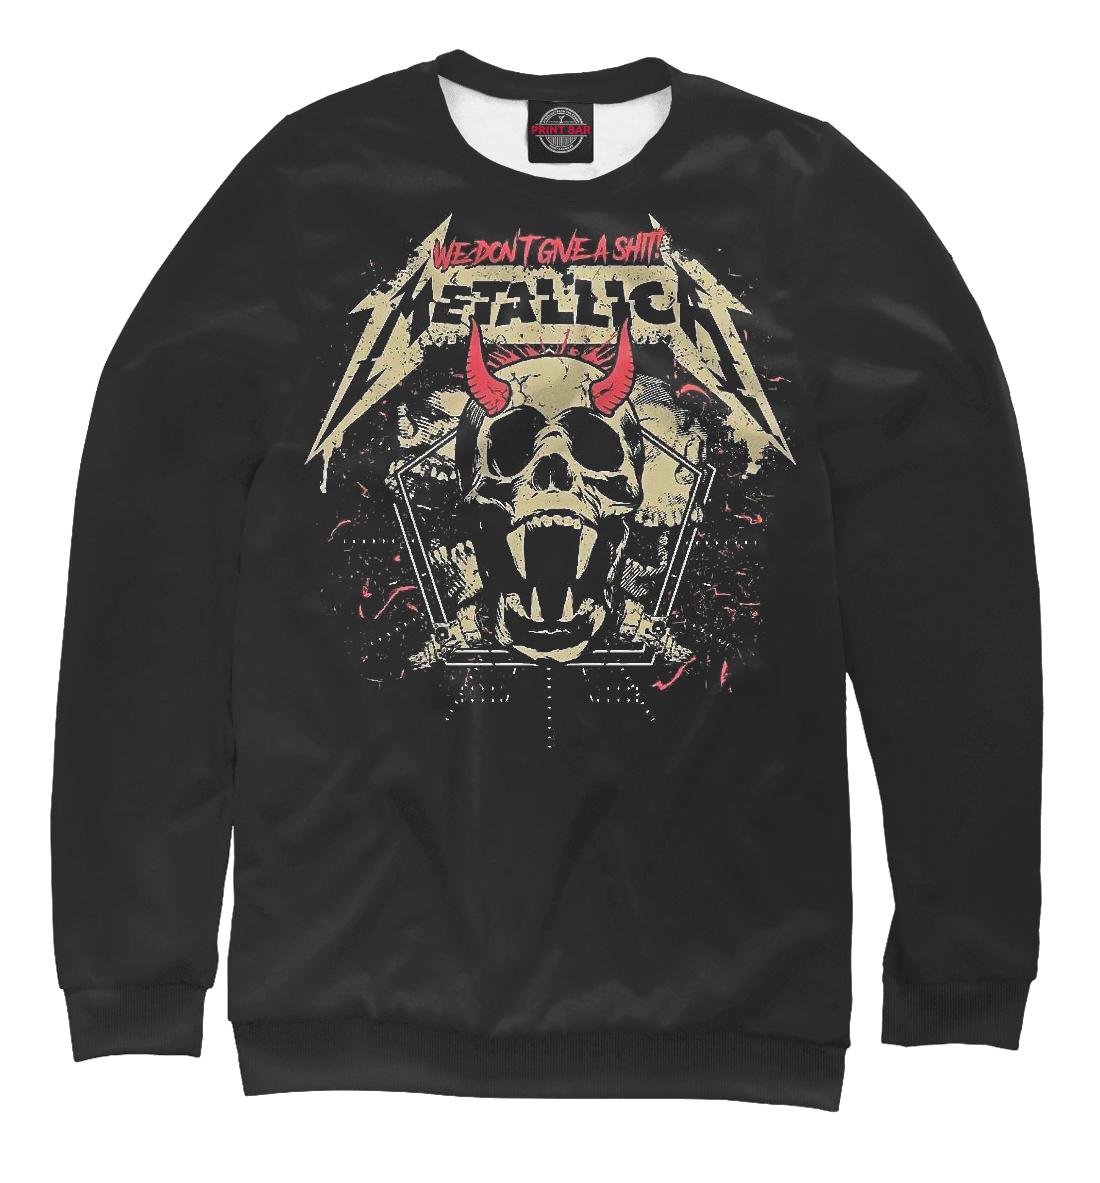 Купить Metallica Band, Printbar, Свитшоты, MET-136990-swi-2